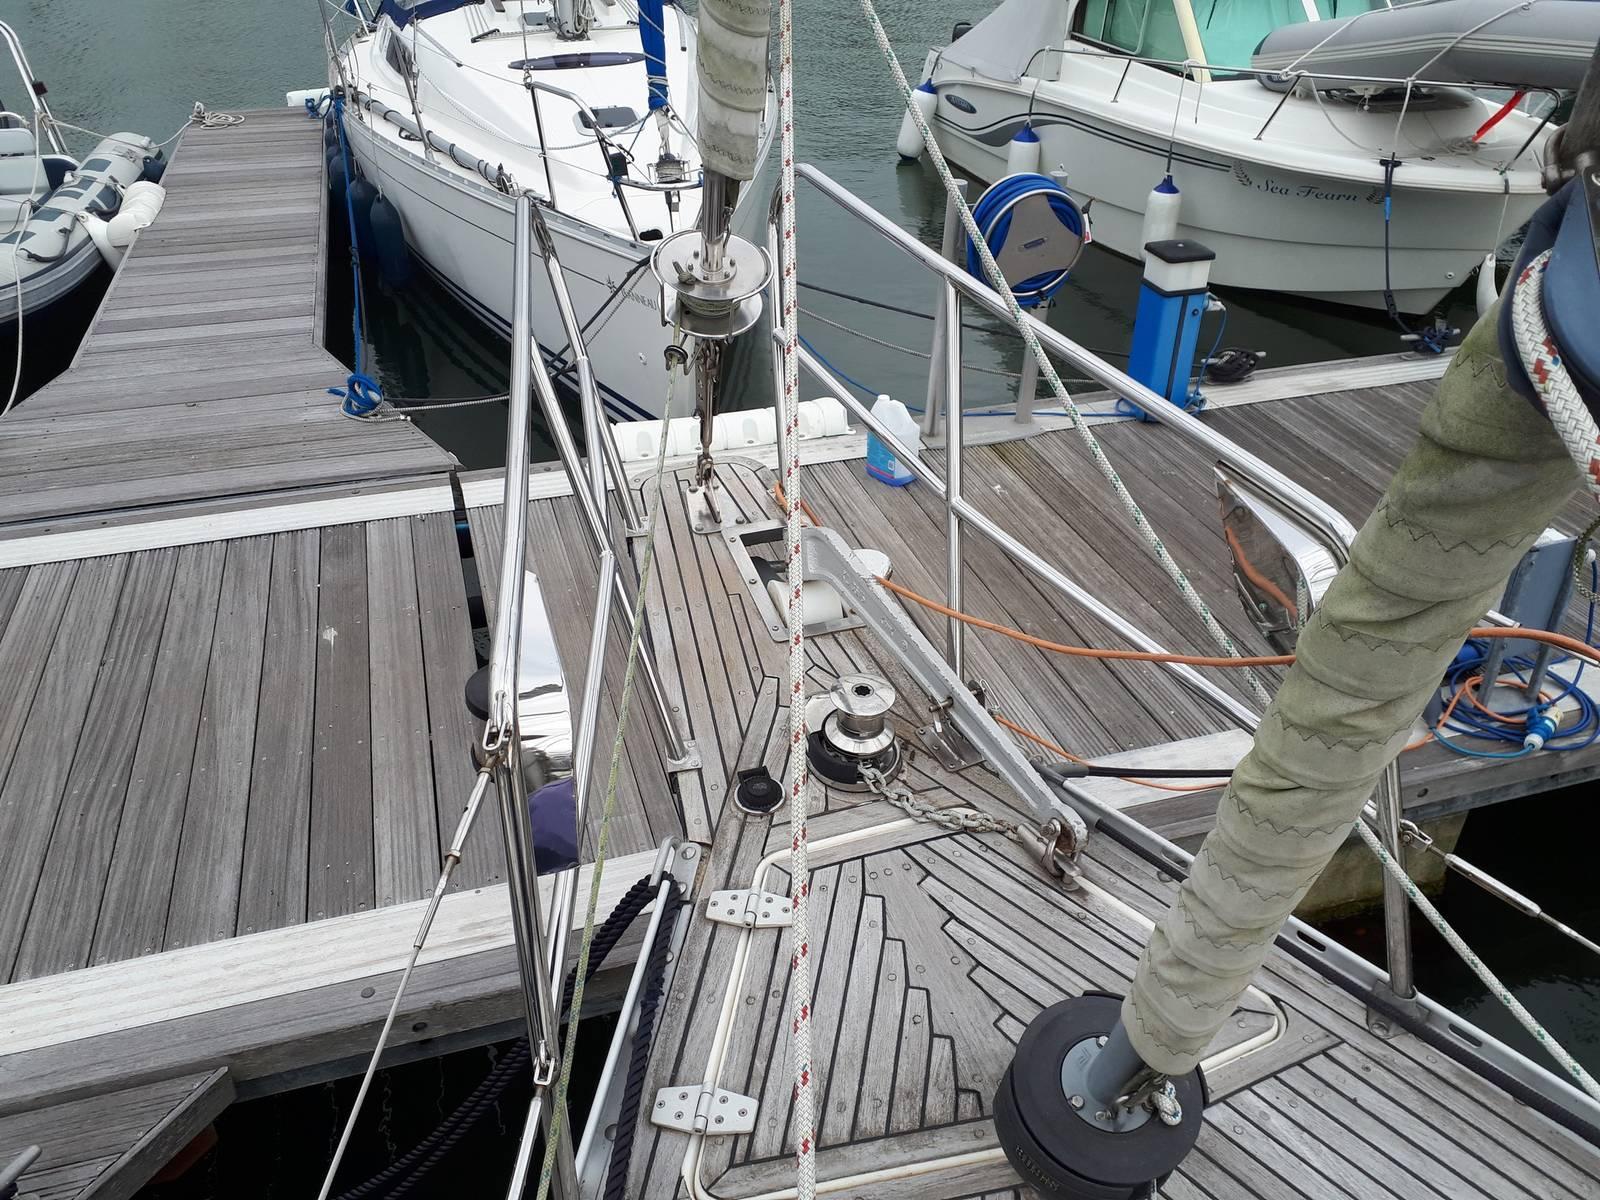 Sea Finn 37